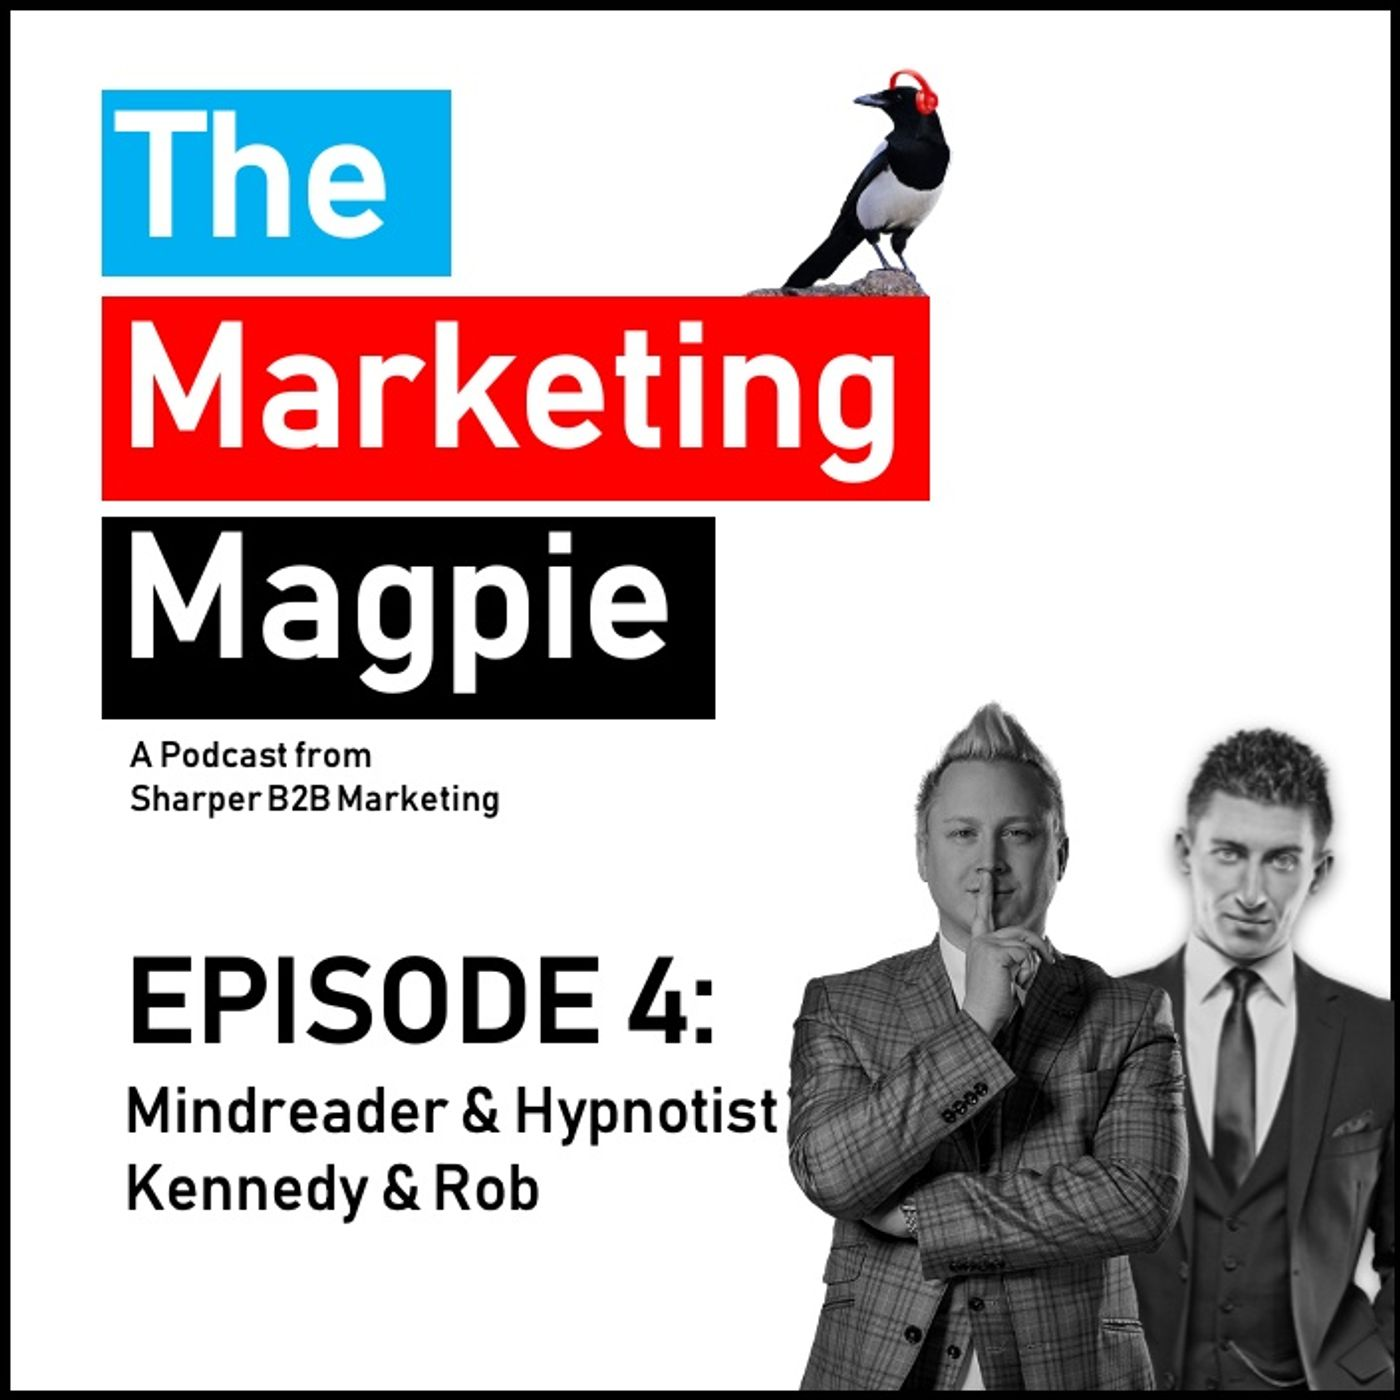 The Marketing Magpie - Episode 4 - Mind Reader & Hypnotist Kennedy & Rob